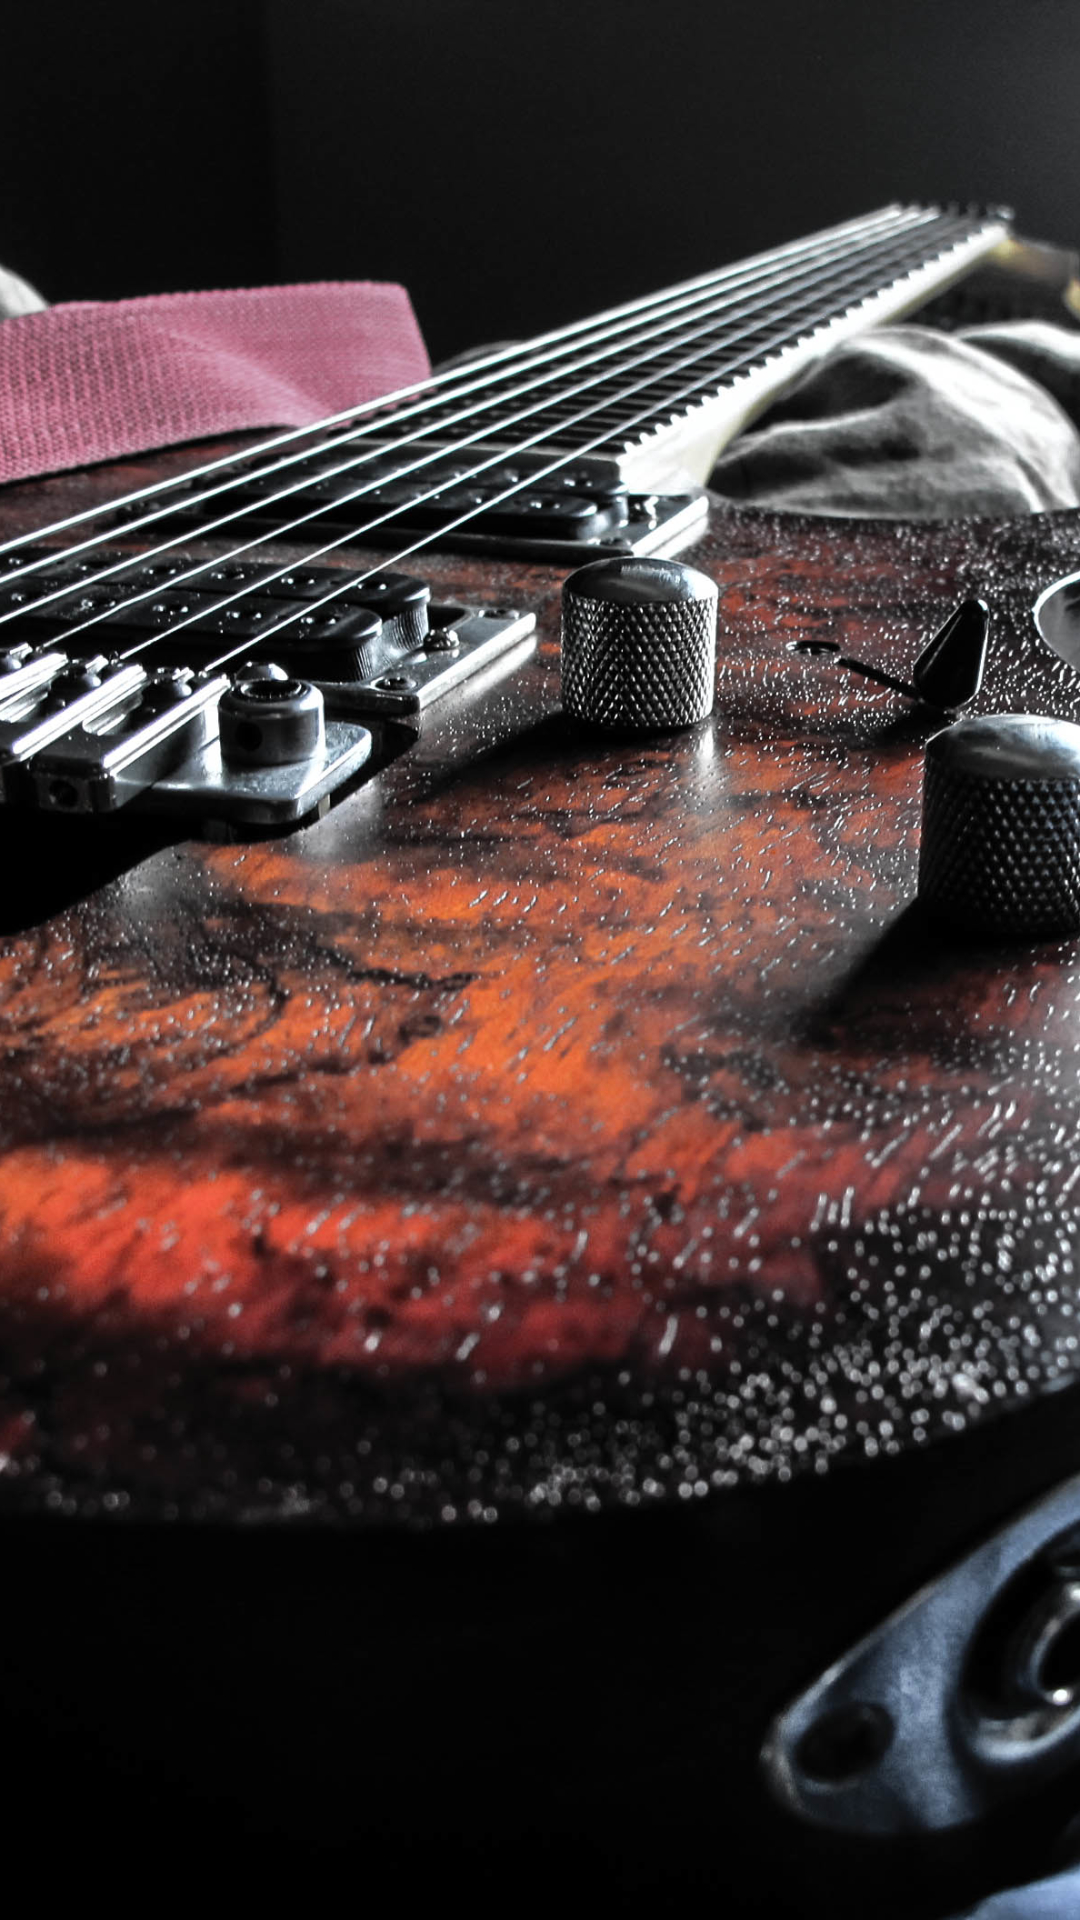 Download Wallpaper Music Guitar - 618654  Image_894079.jpg